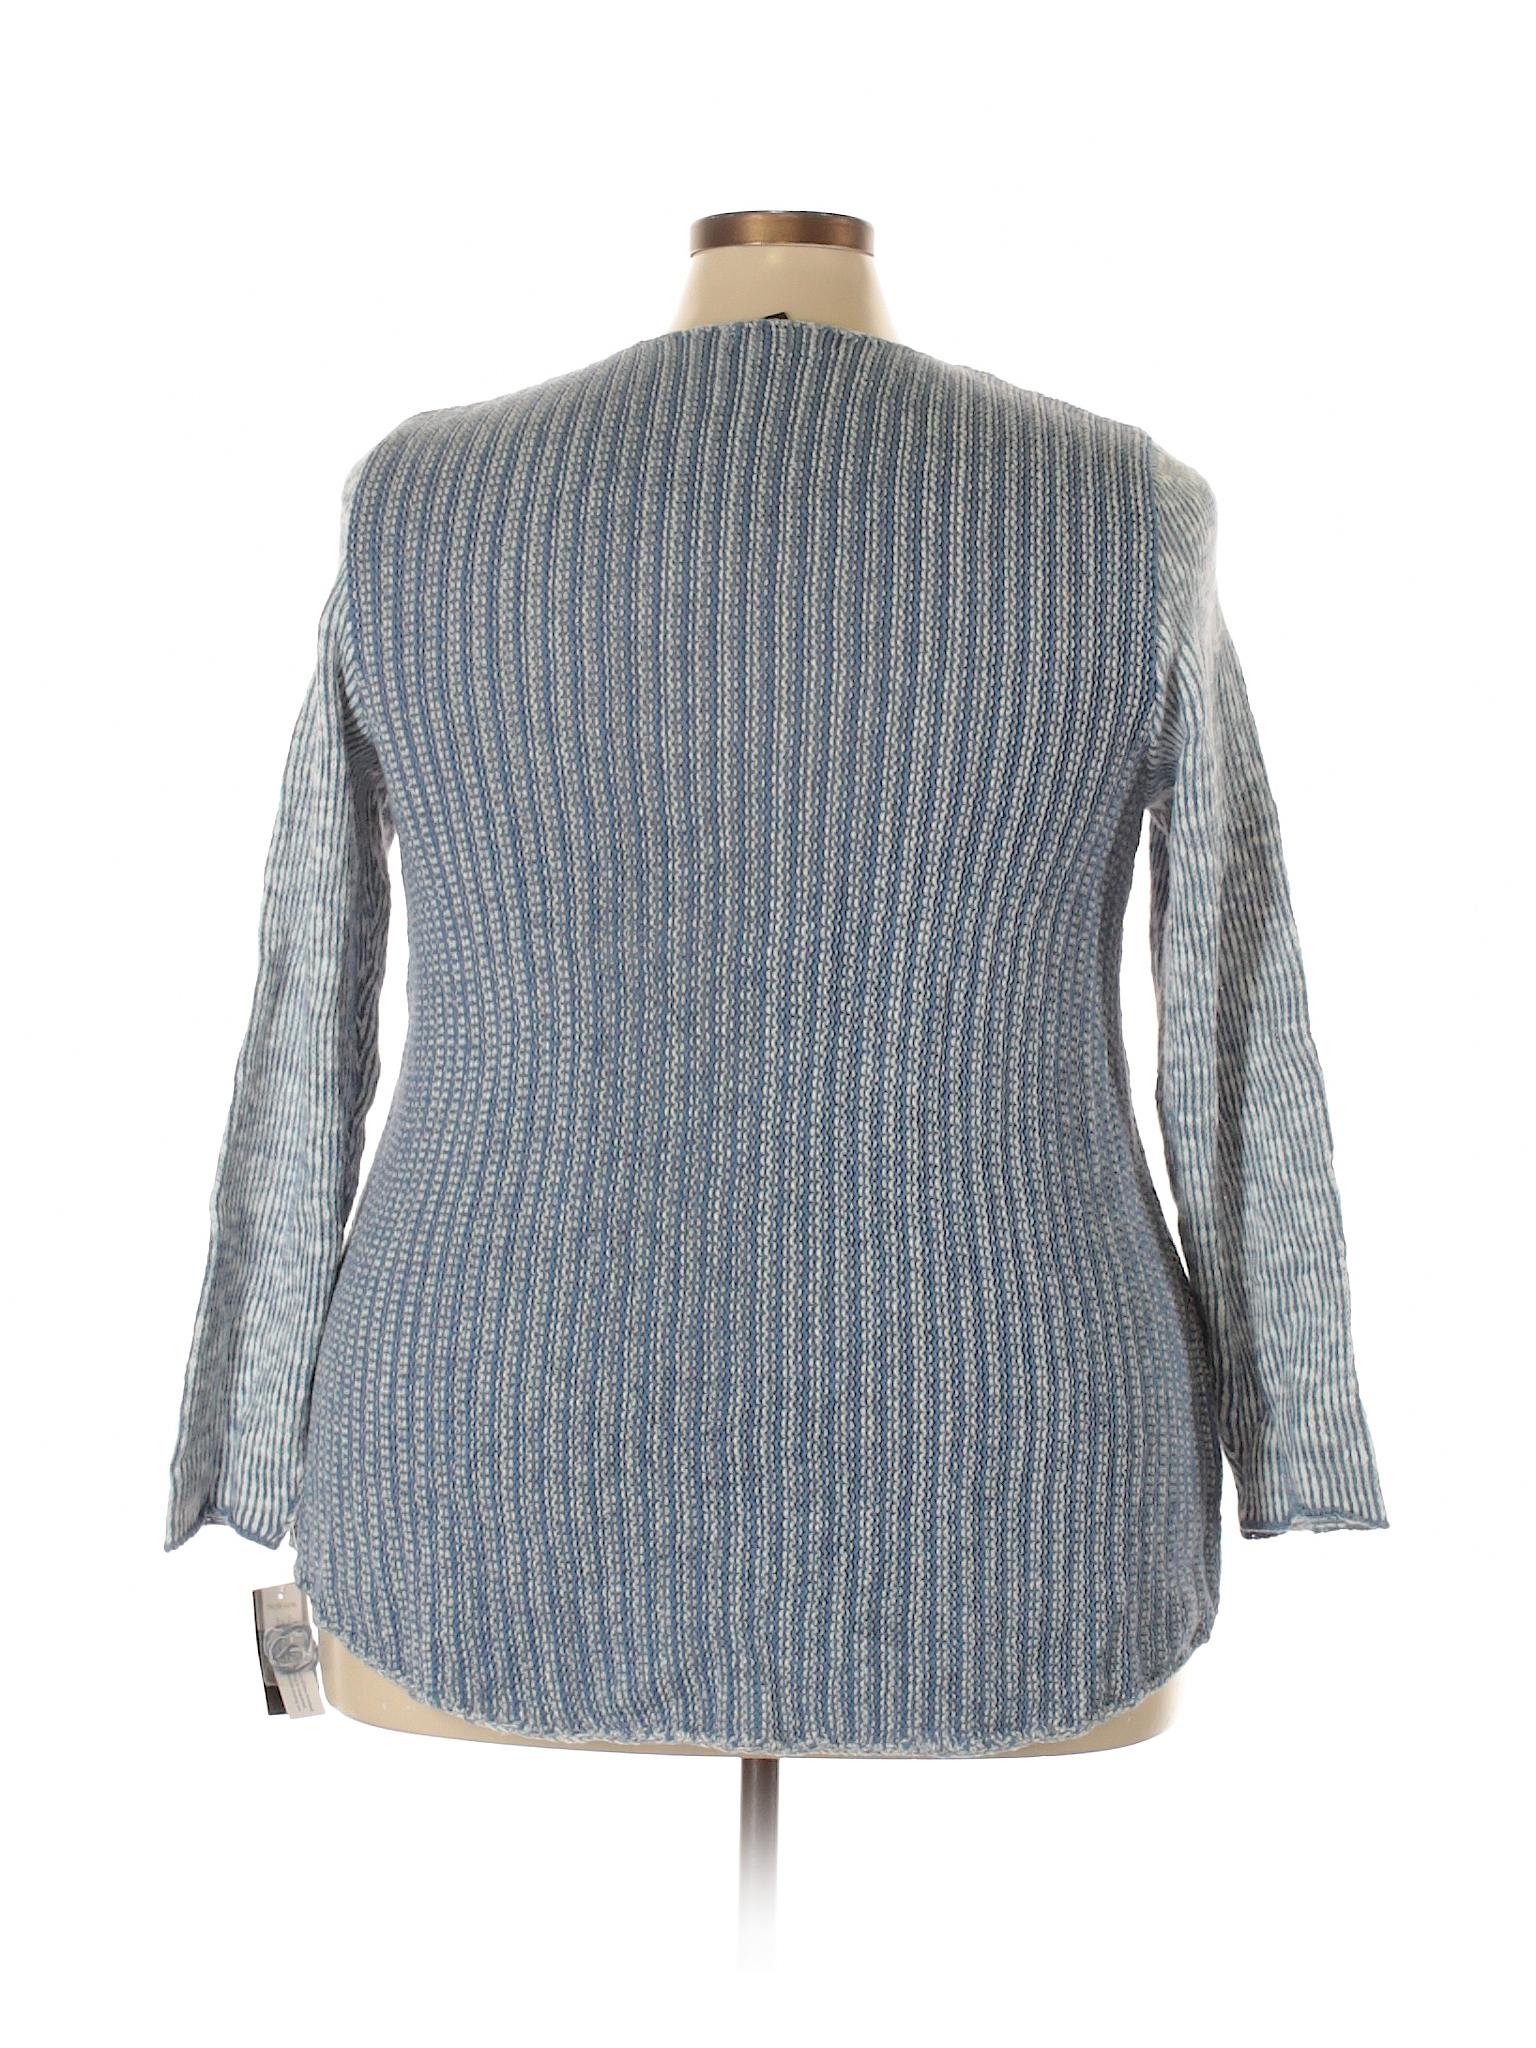 amp;Co Pullover Boutique Sweater winter Style nrXx6E6